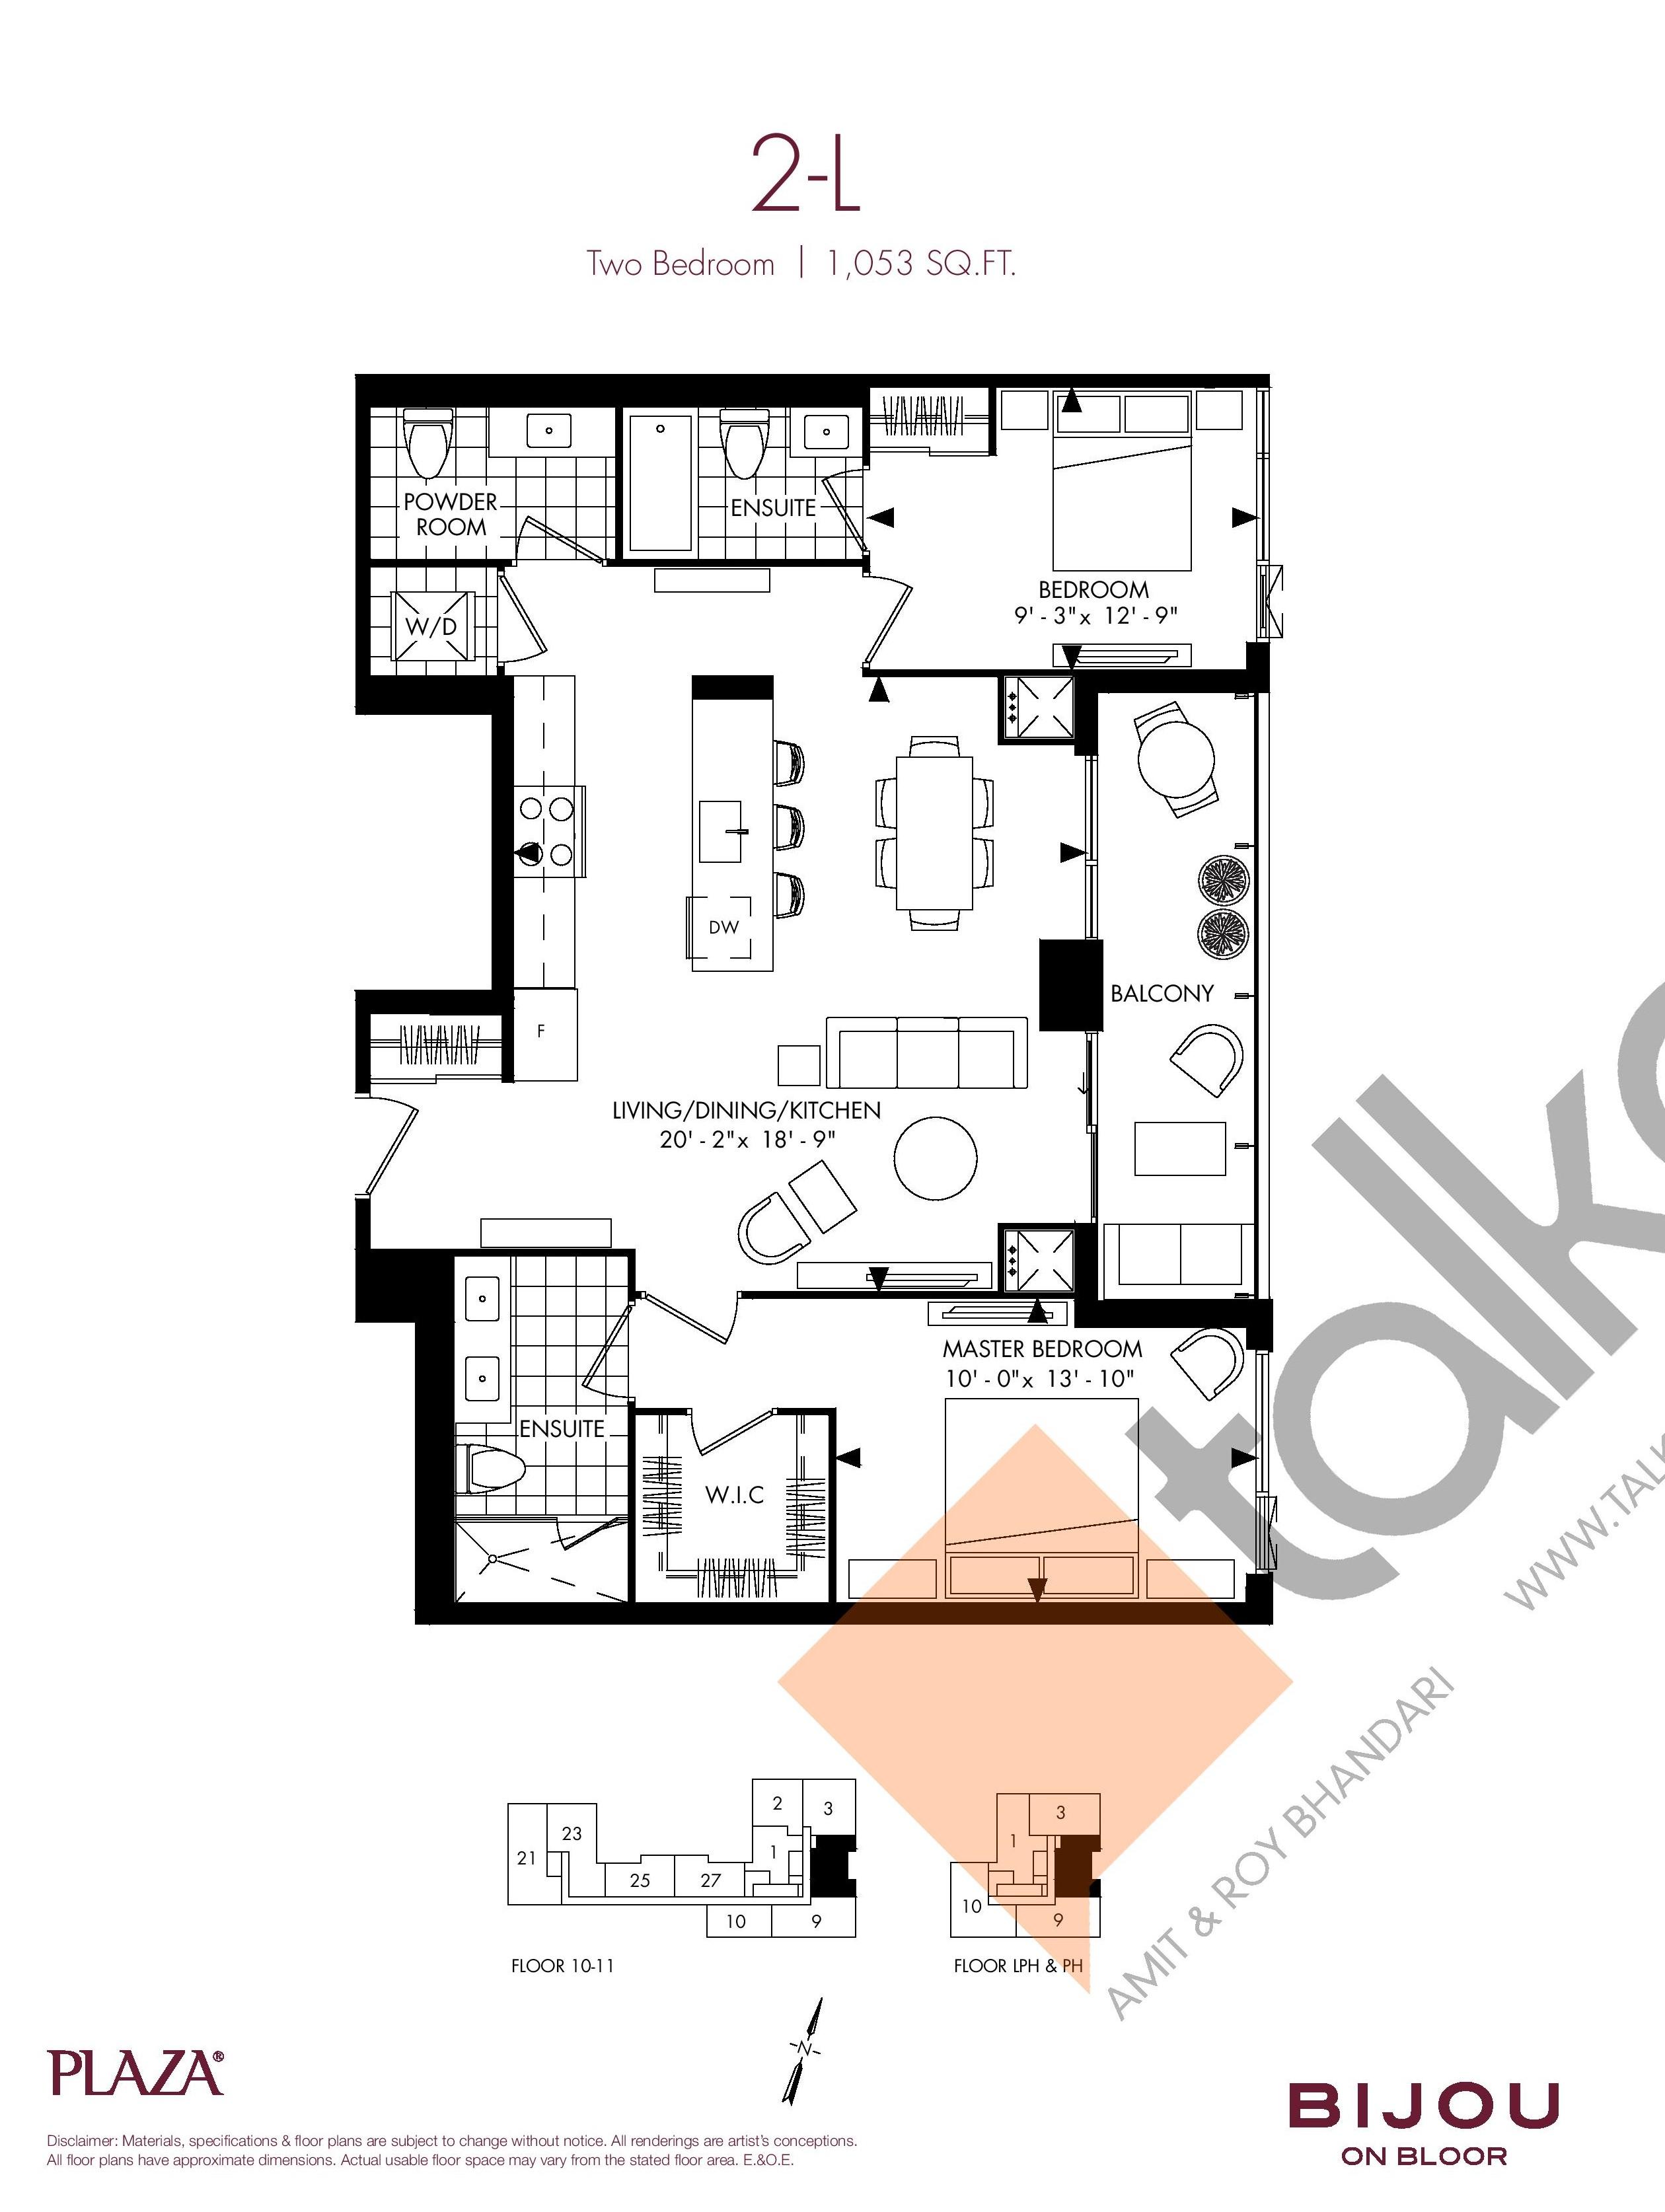 Suite 2-L Floor Plan at Bijou On Bloor Condos - 1053 sq.ft